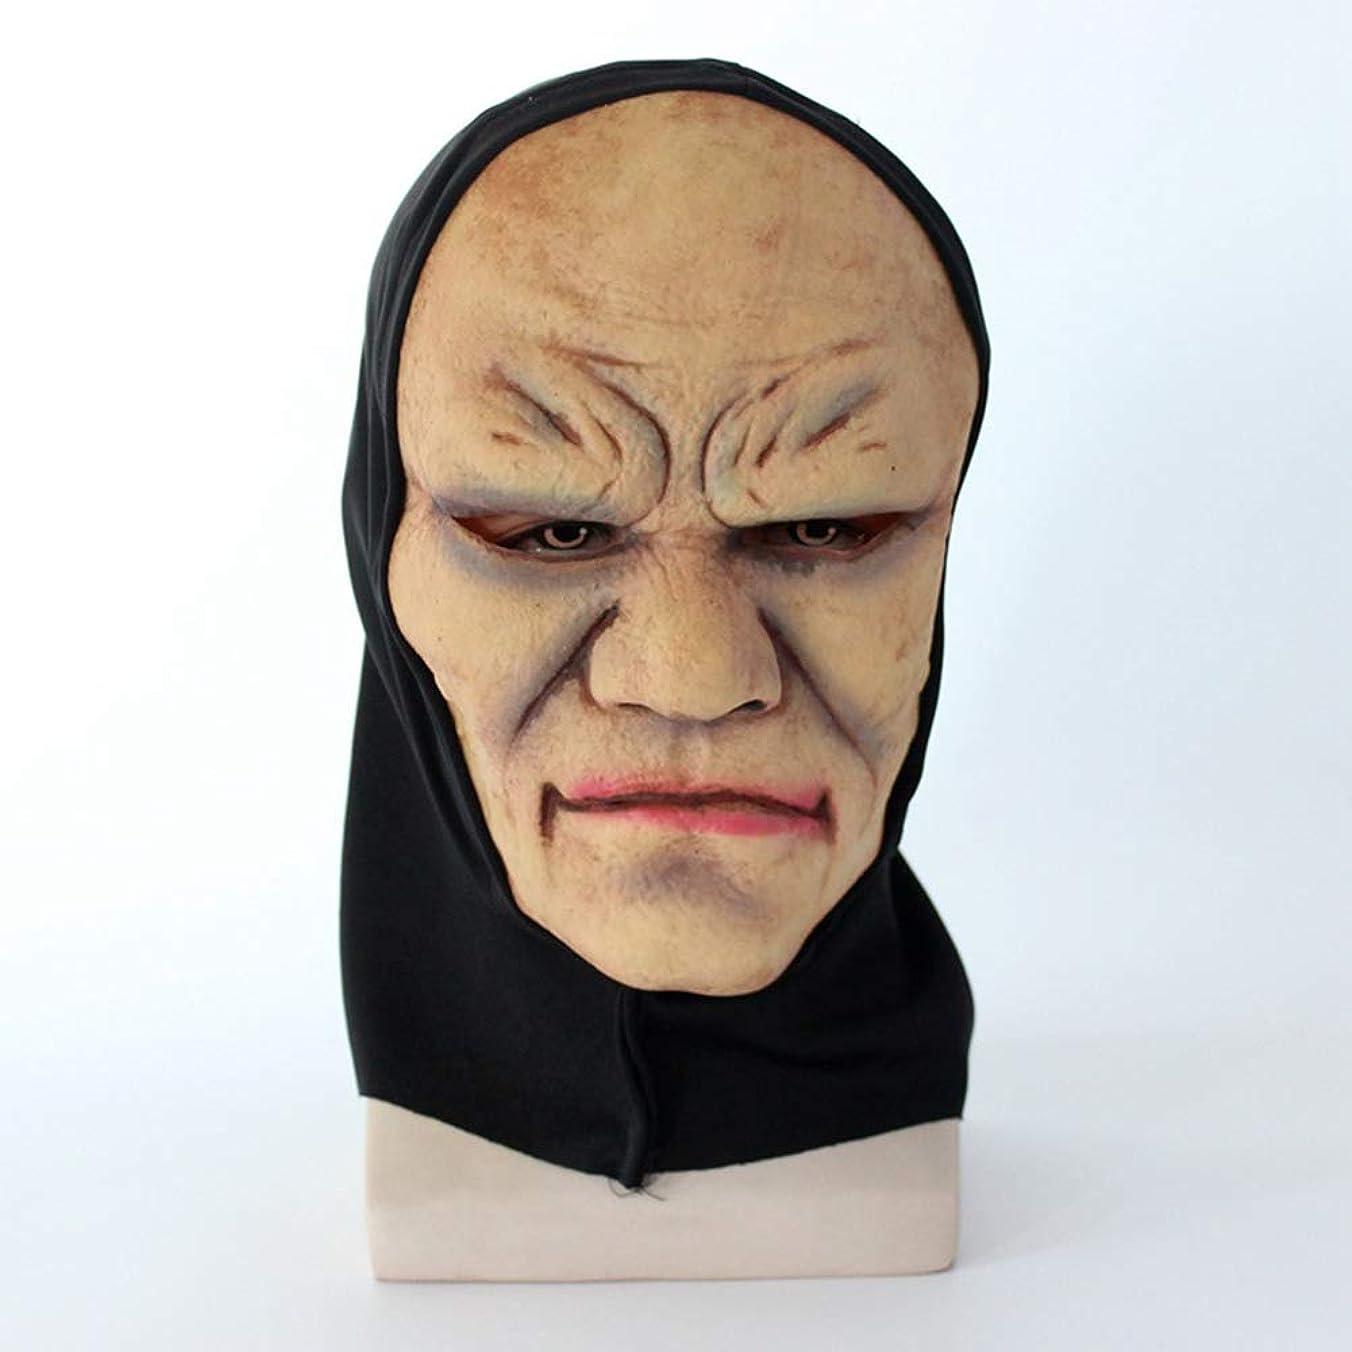 敵意時間とともに歌ハロウィーンホラーマスク、スピリチュアル修道女ヘッドマスク、クリエイティブ Vizard マスク、パーティー仮装ラテックスマスク